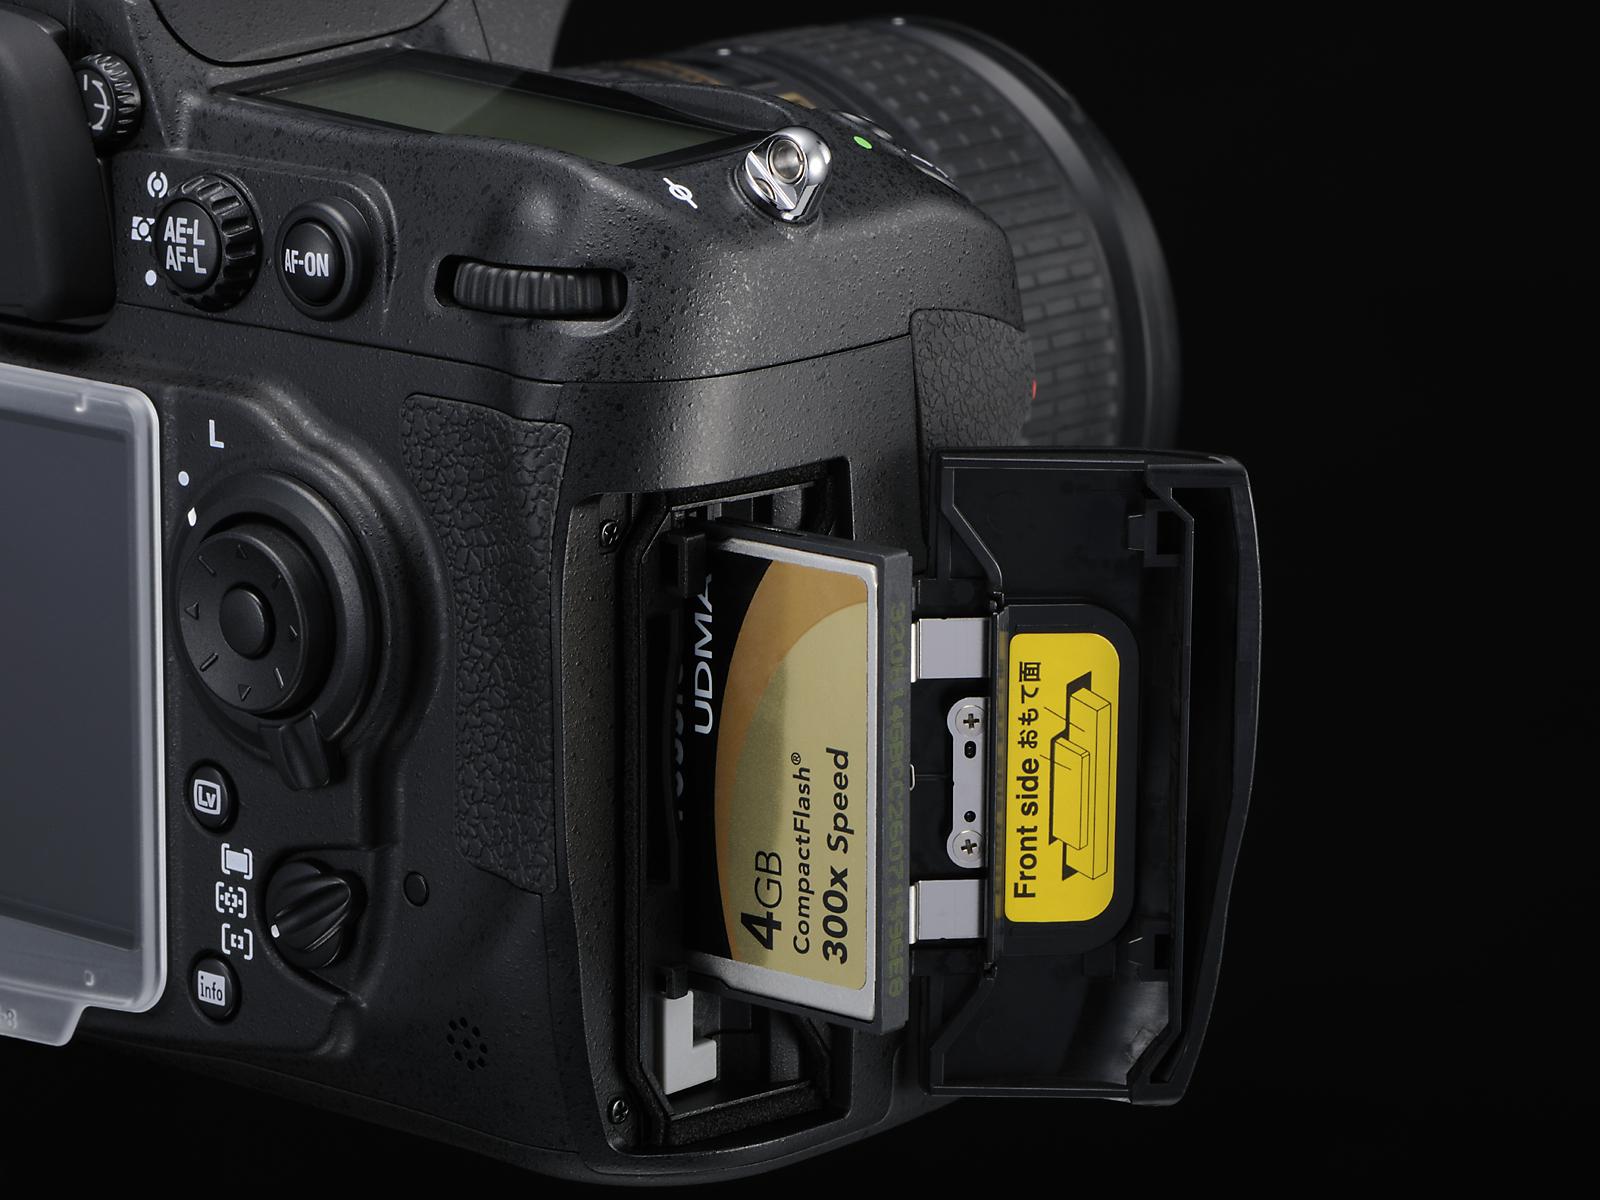 Lujoso Es La Nikon D300 Una Cámara De Fotograma Completo Adorno ...